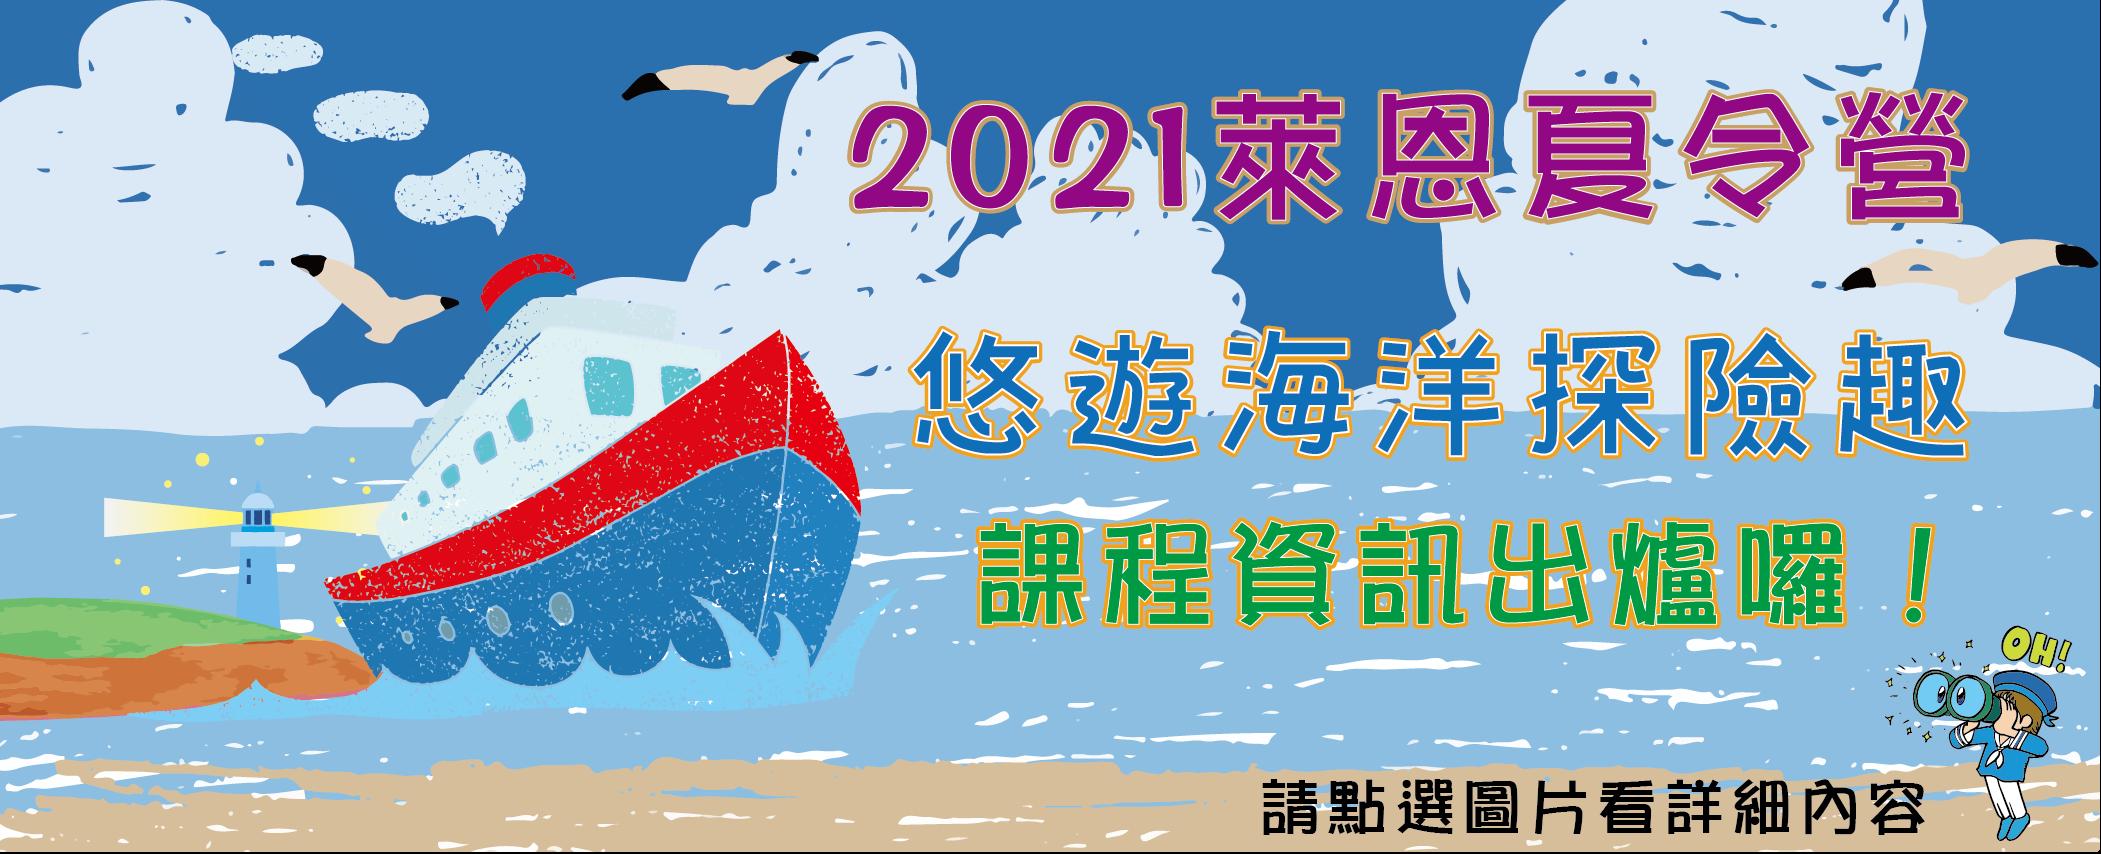 2021夏令營Banner